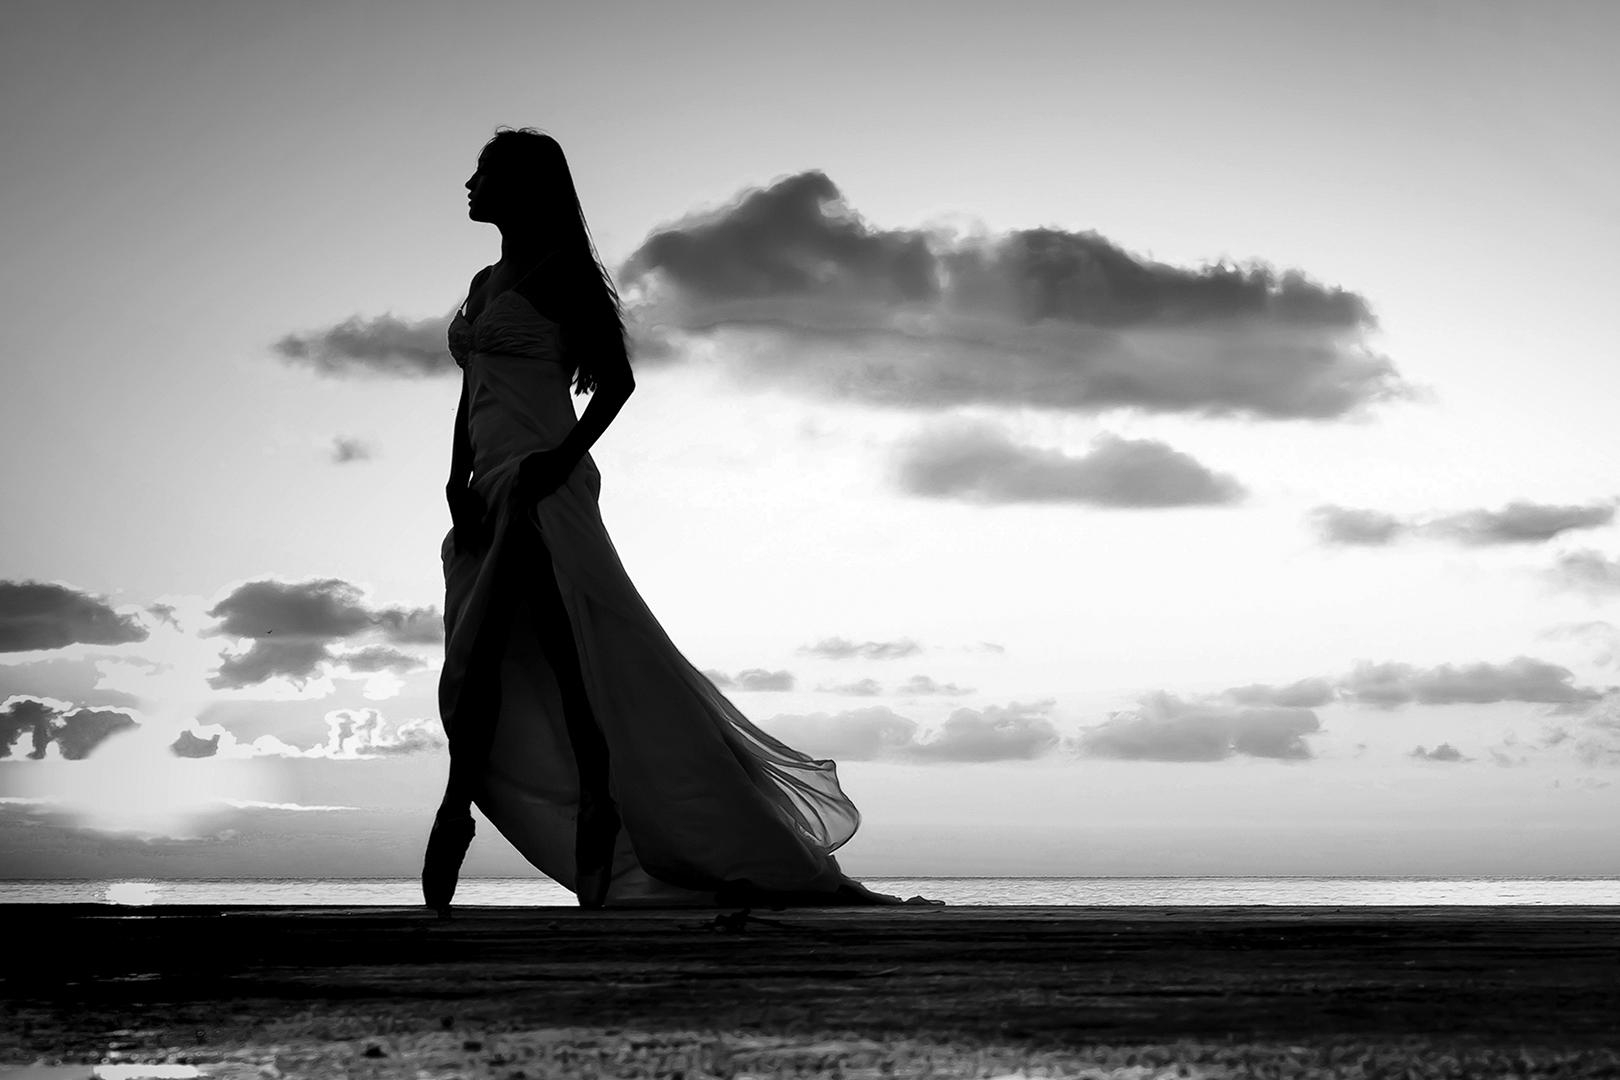 gianni-lepore-silhouette-sposa-bride-bianco-nero